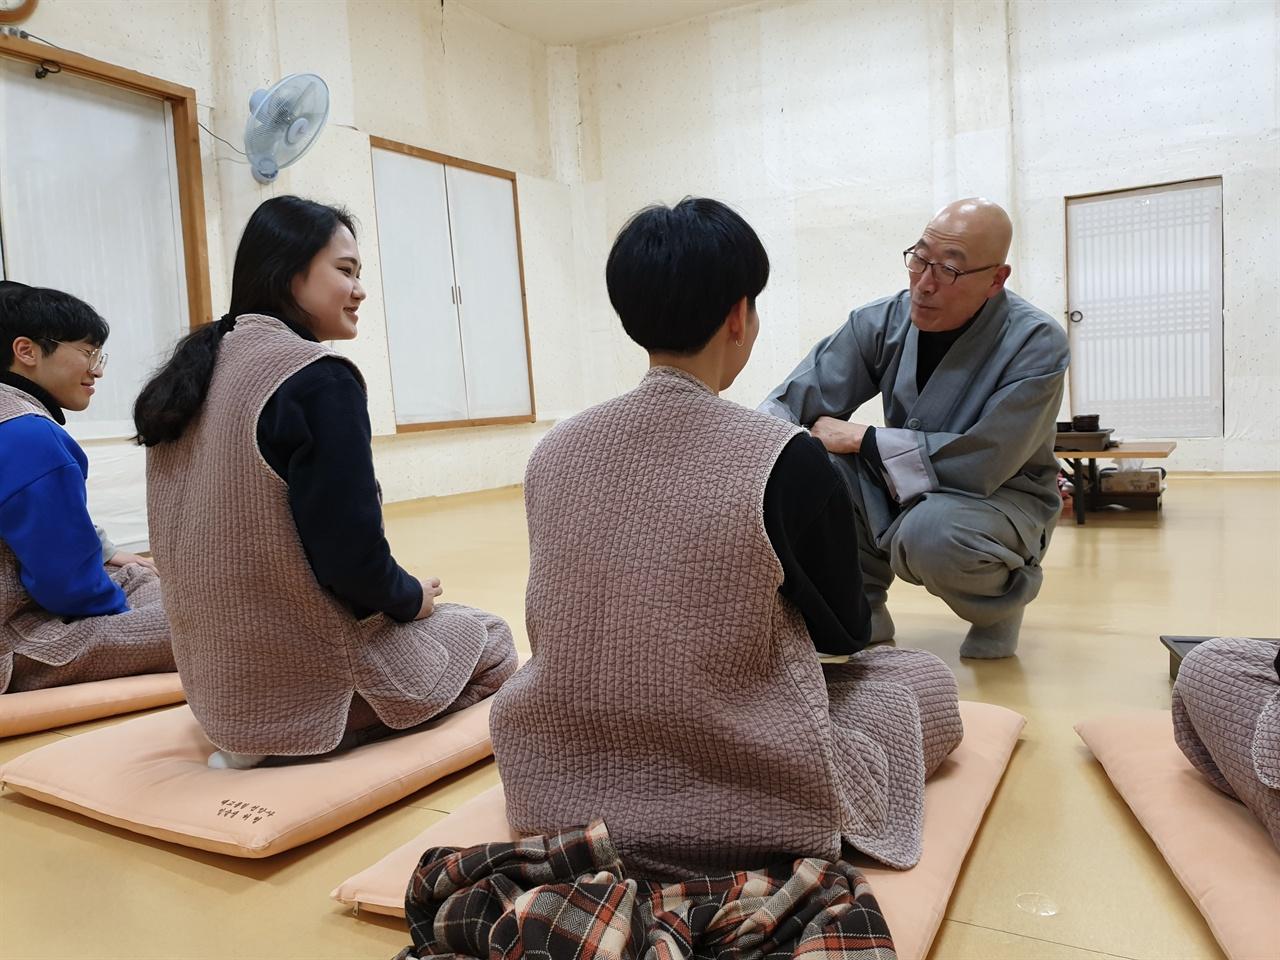 선암사 차담 시간      오후 6시 30분부터 심검당에서 진행되는 스님과의 차담시간.